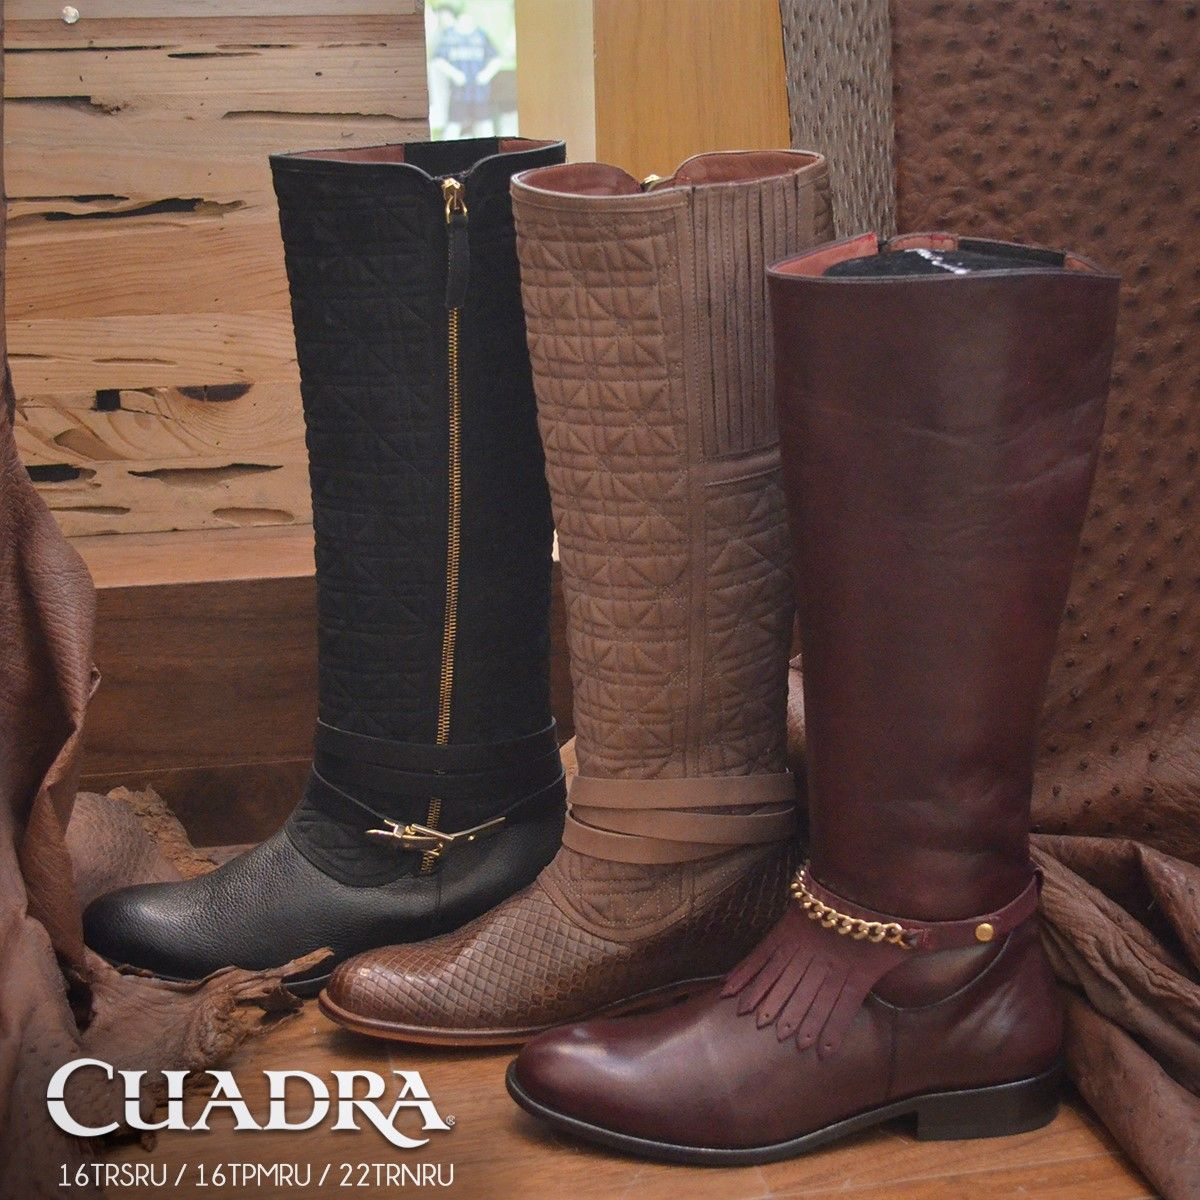 9b93411f77 Las estrellas de la temporada! #Boots #Botas #Dama #CUADRA #Leather ...